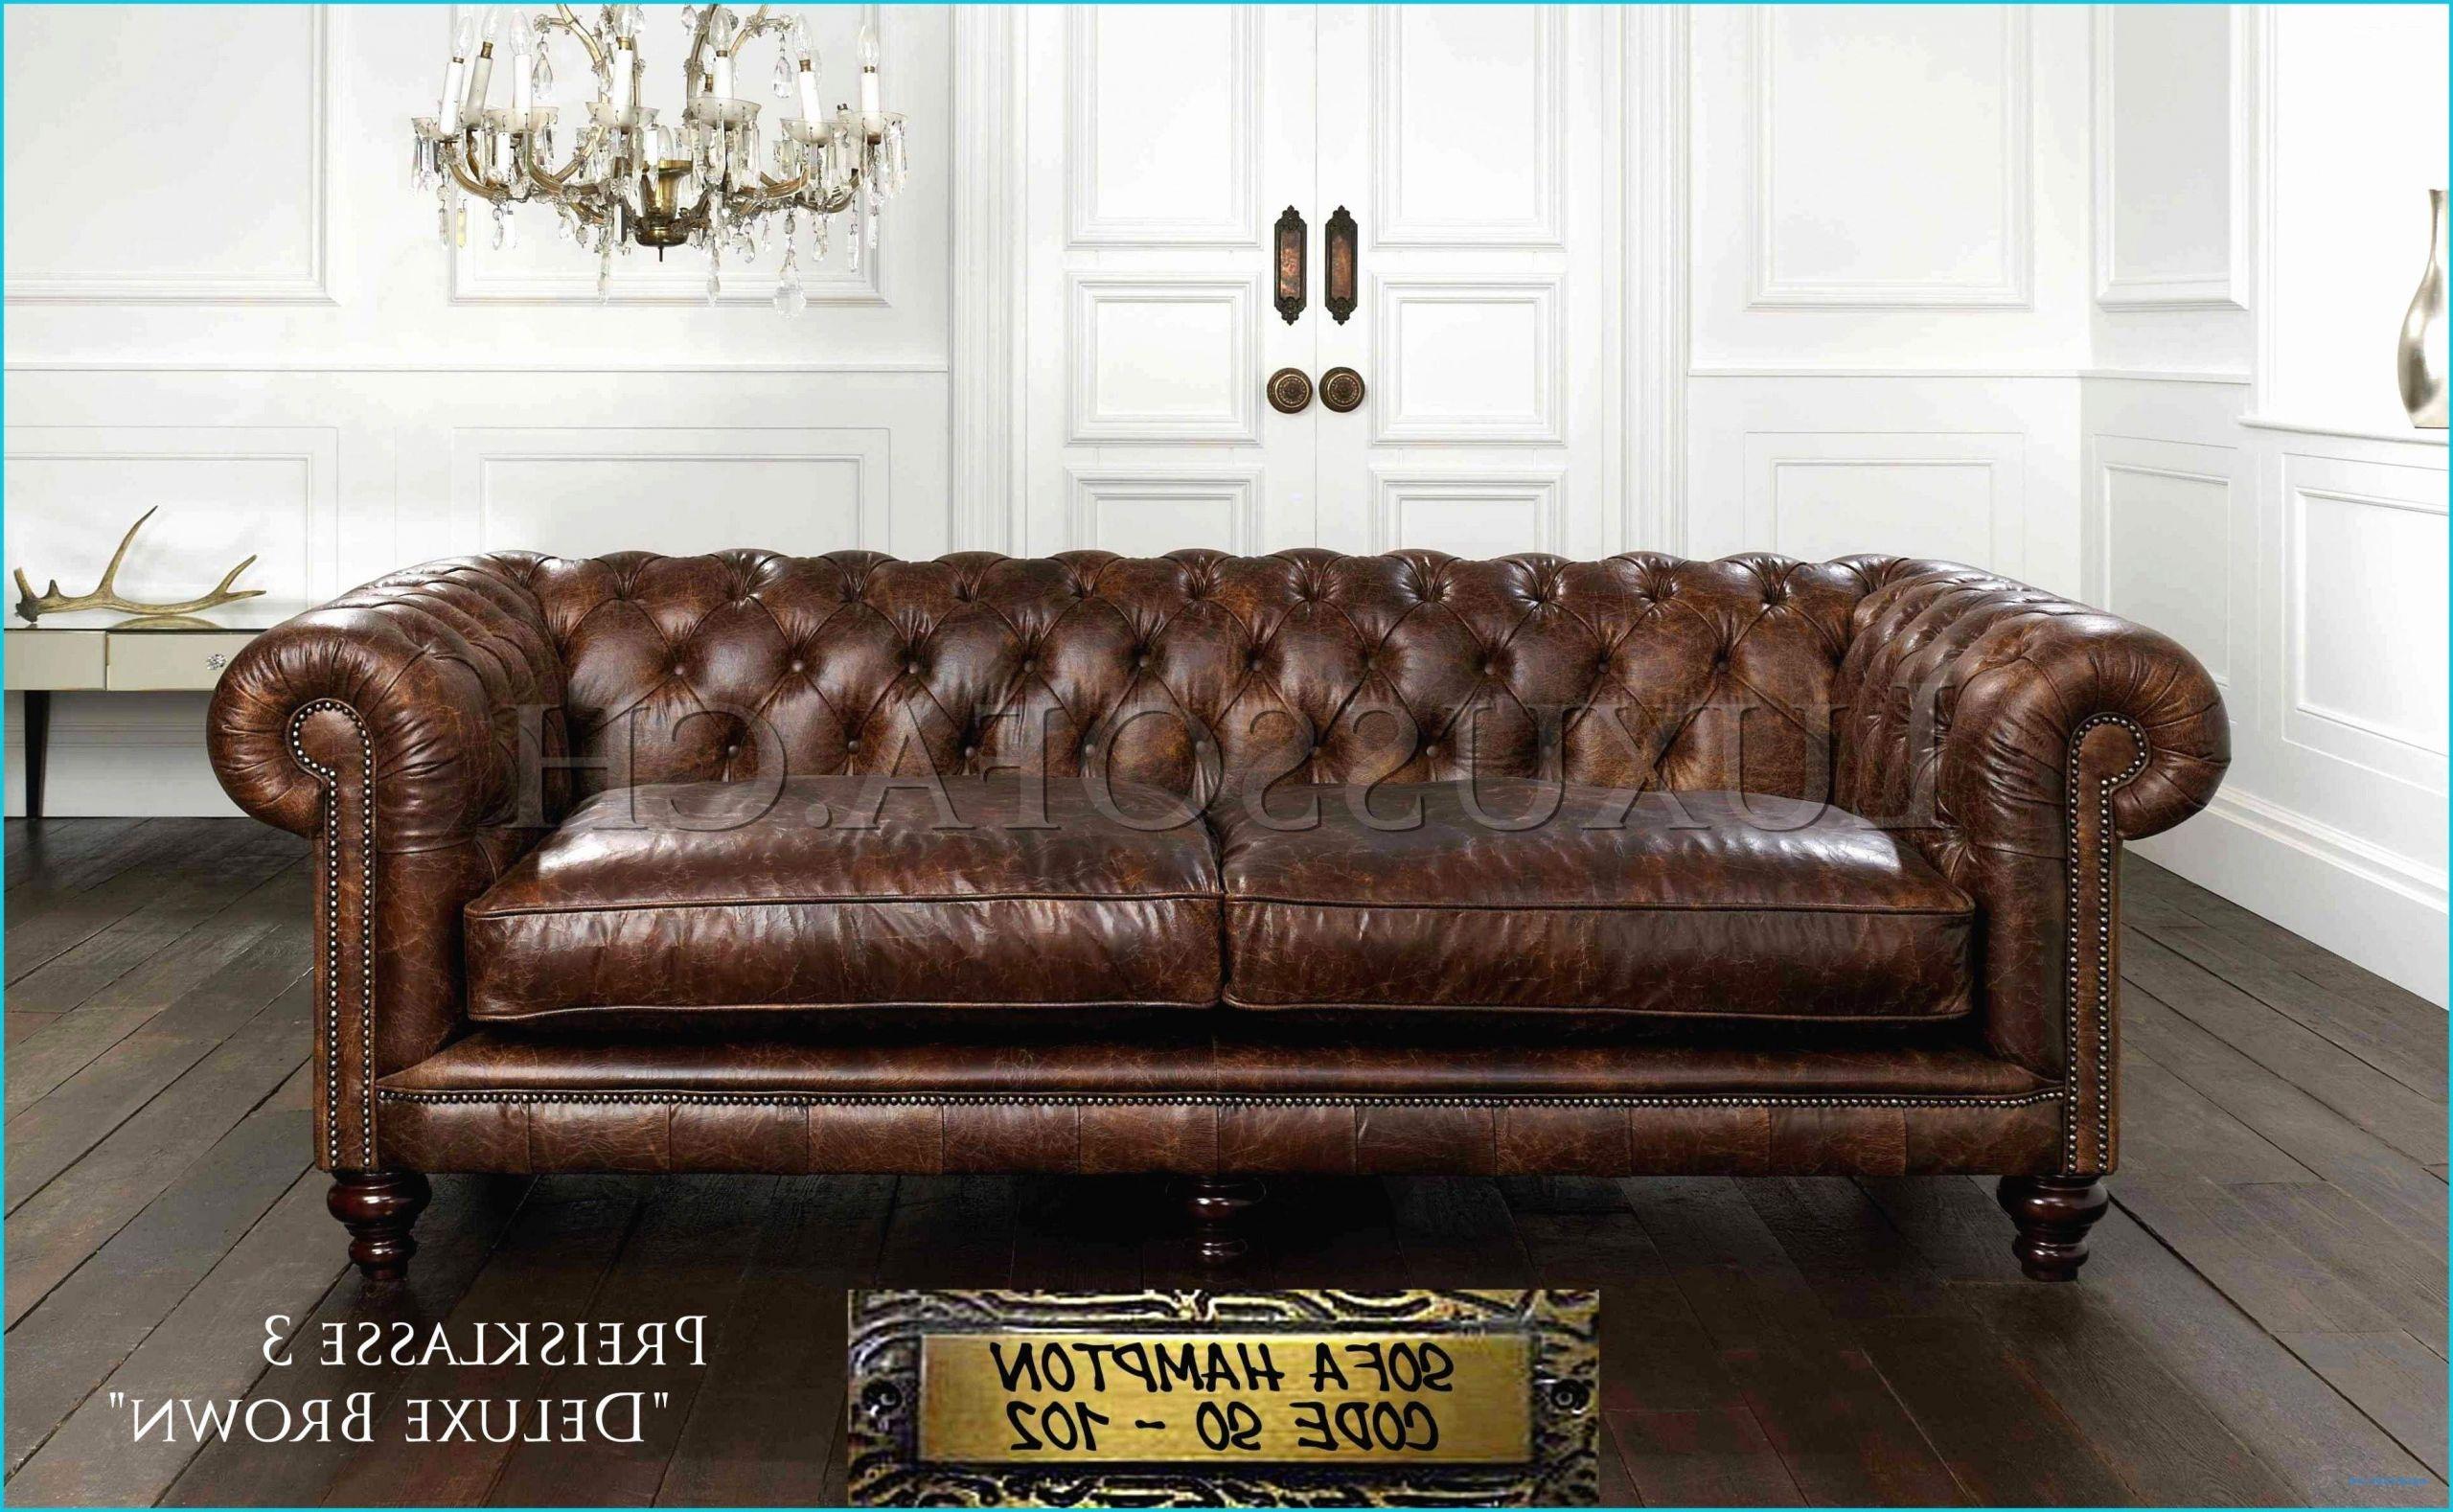 Full Size of Sofa Englisch Englisches Wohnzimmer Genial Couch In Frisch Togo Landhaus Spannbezug Wk Altes Copperfield 2 Sitzer Mit Schlaffunktion Bettfunktion Xxl Grau L Sofa Sofa Englisch